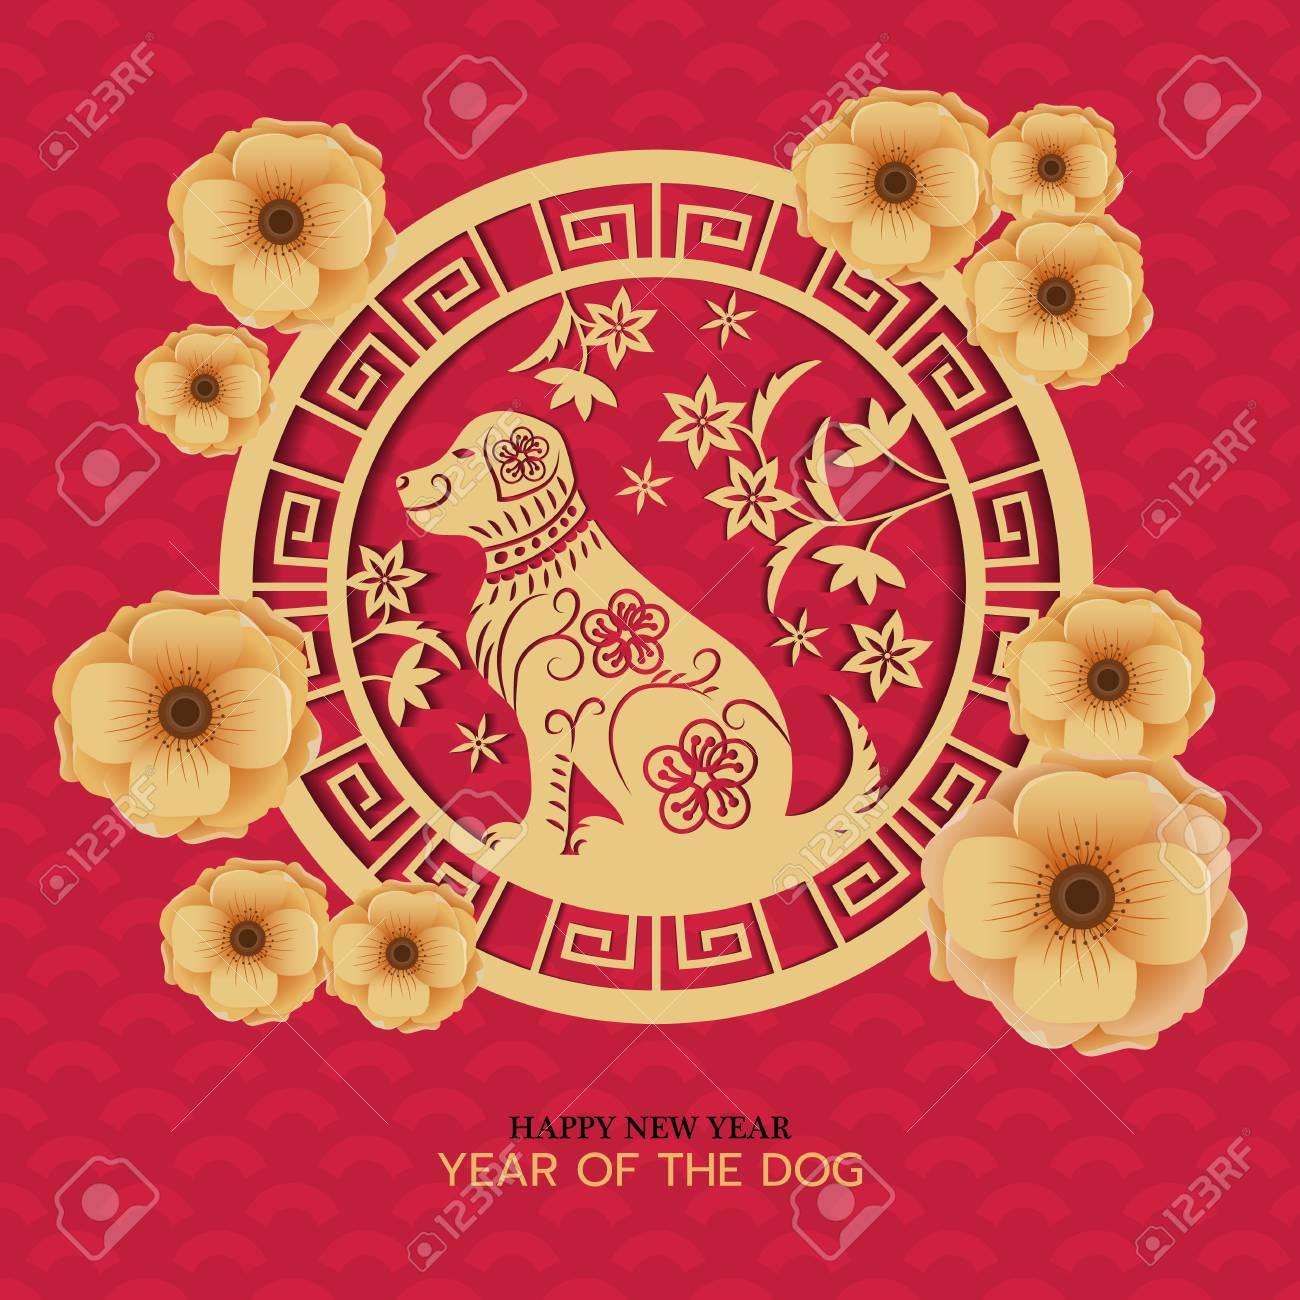 Jahr Des Hundes, Chinesische Feierkunst Des Neuen Jahres, Kann ...